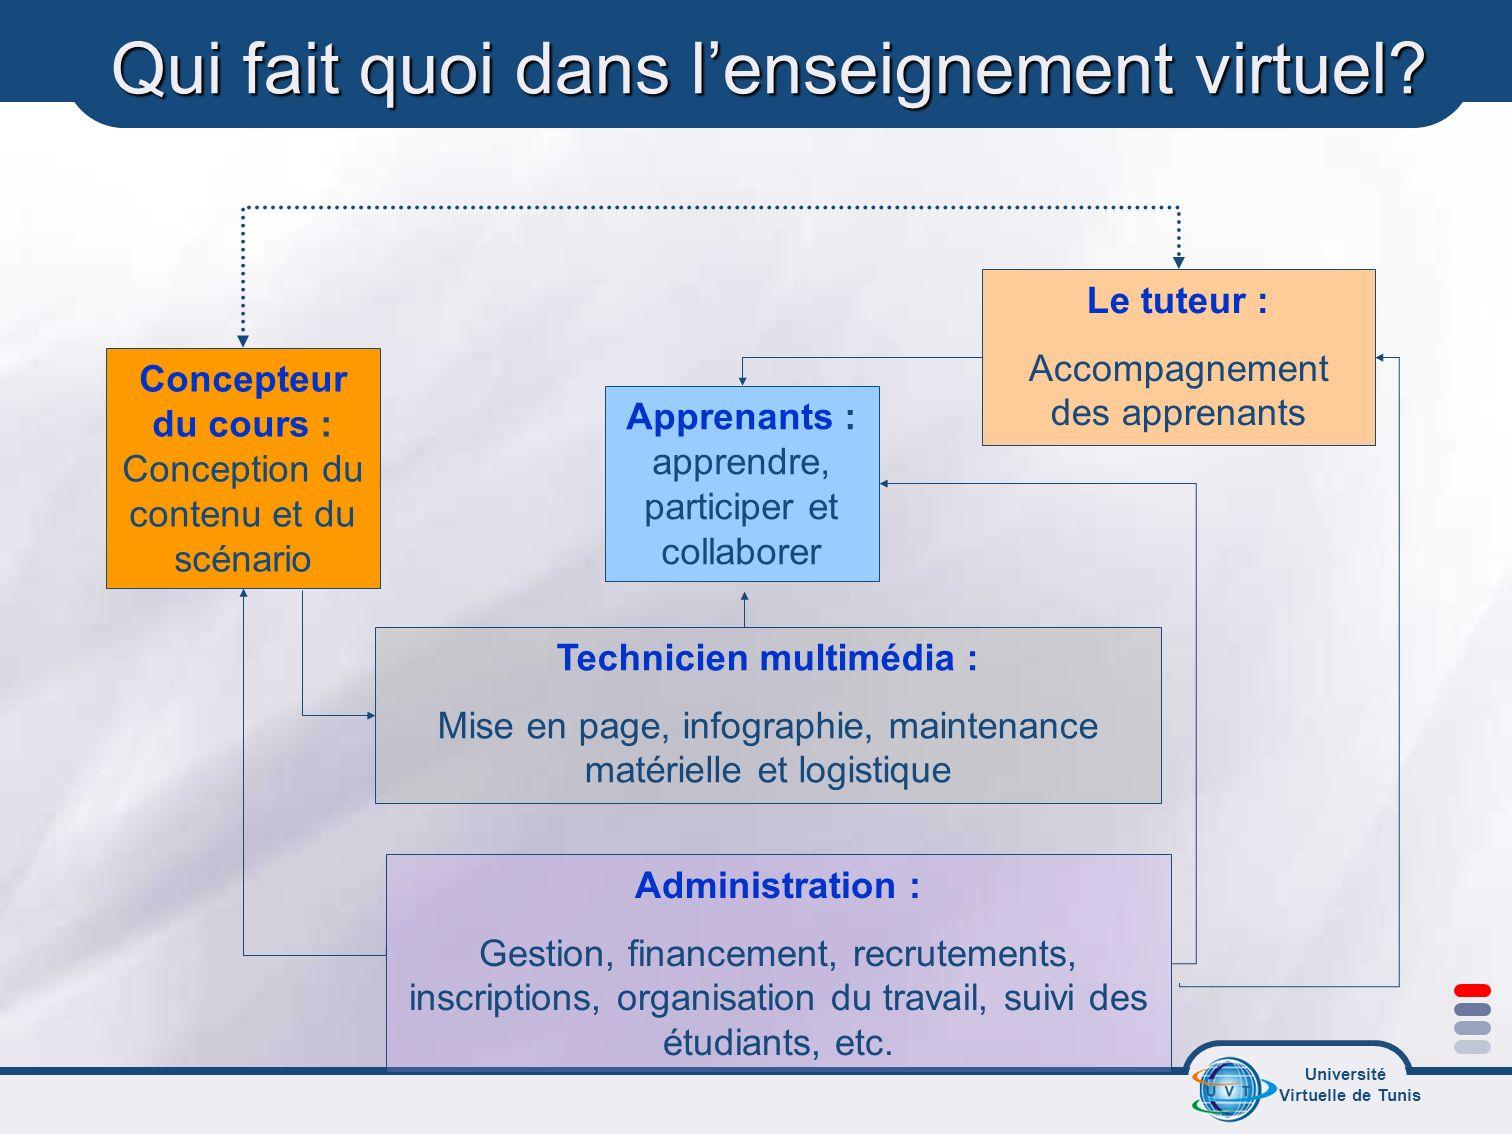 Université Virtuelle de Tunis Qui fait quoi dans lenseignement virtuel? Apprenants : apprendre, participer et collaborer Technicien multimédia : Mise